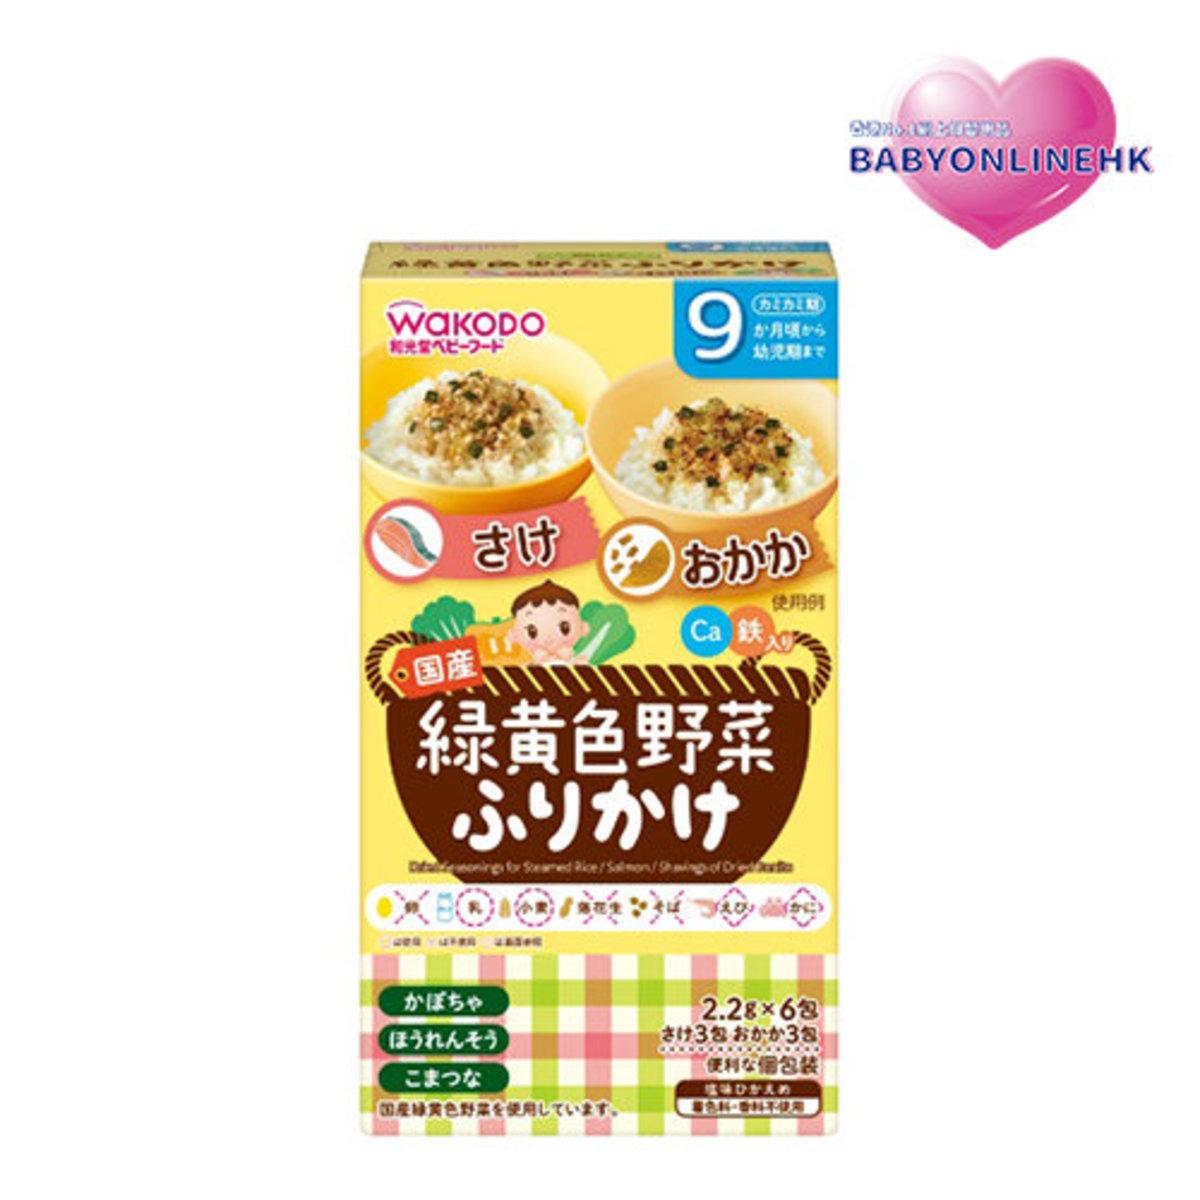 嬰兒黃綠疏菜伴飯料 - 三文魚X3包+鰹魚X3包 (此為平行進口產品)